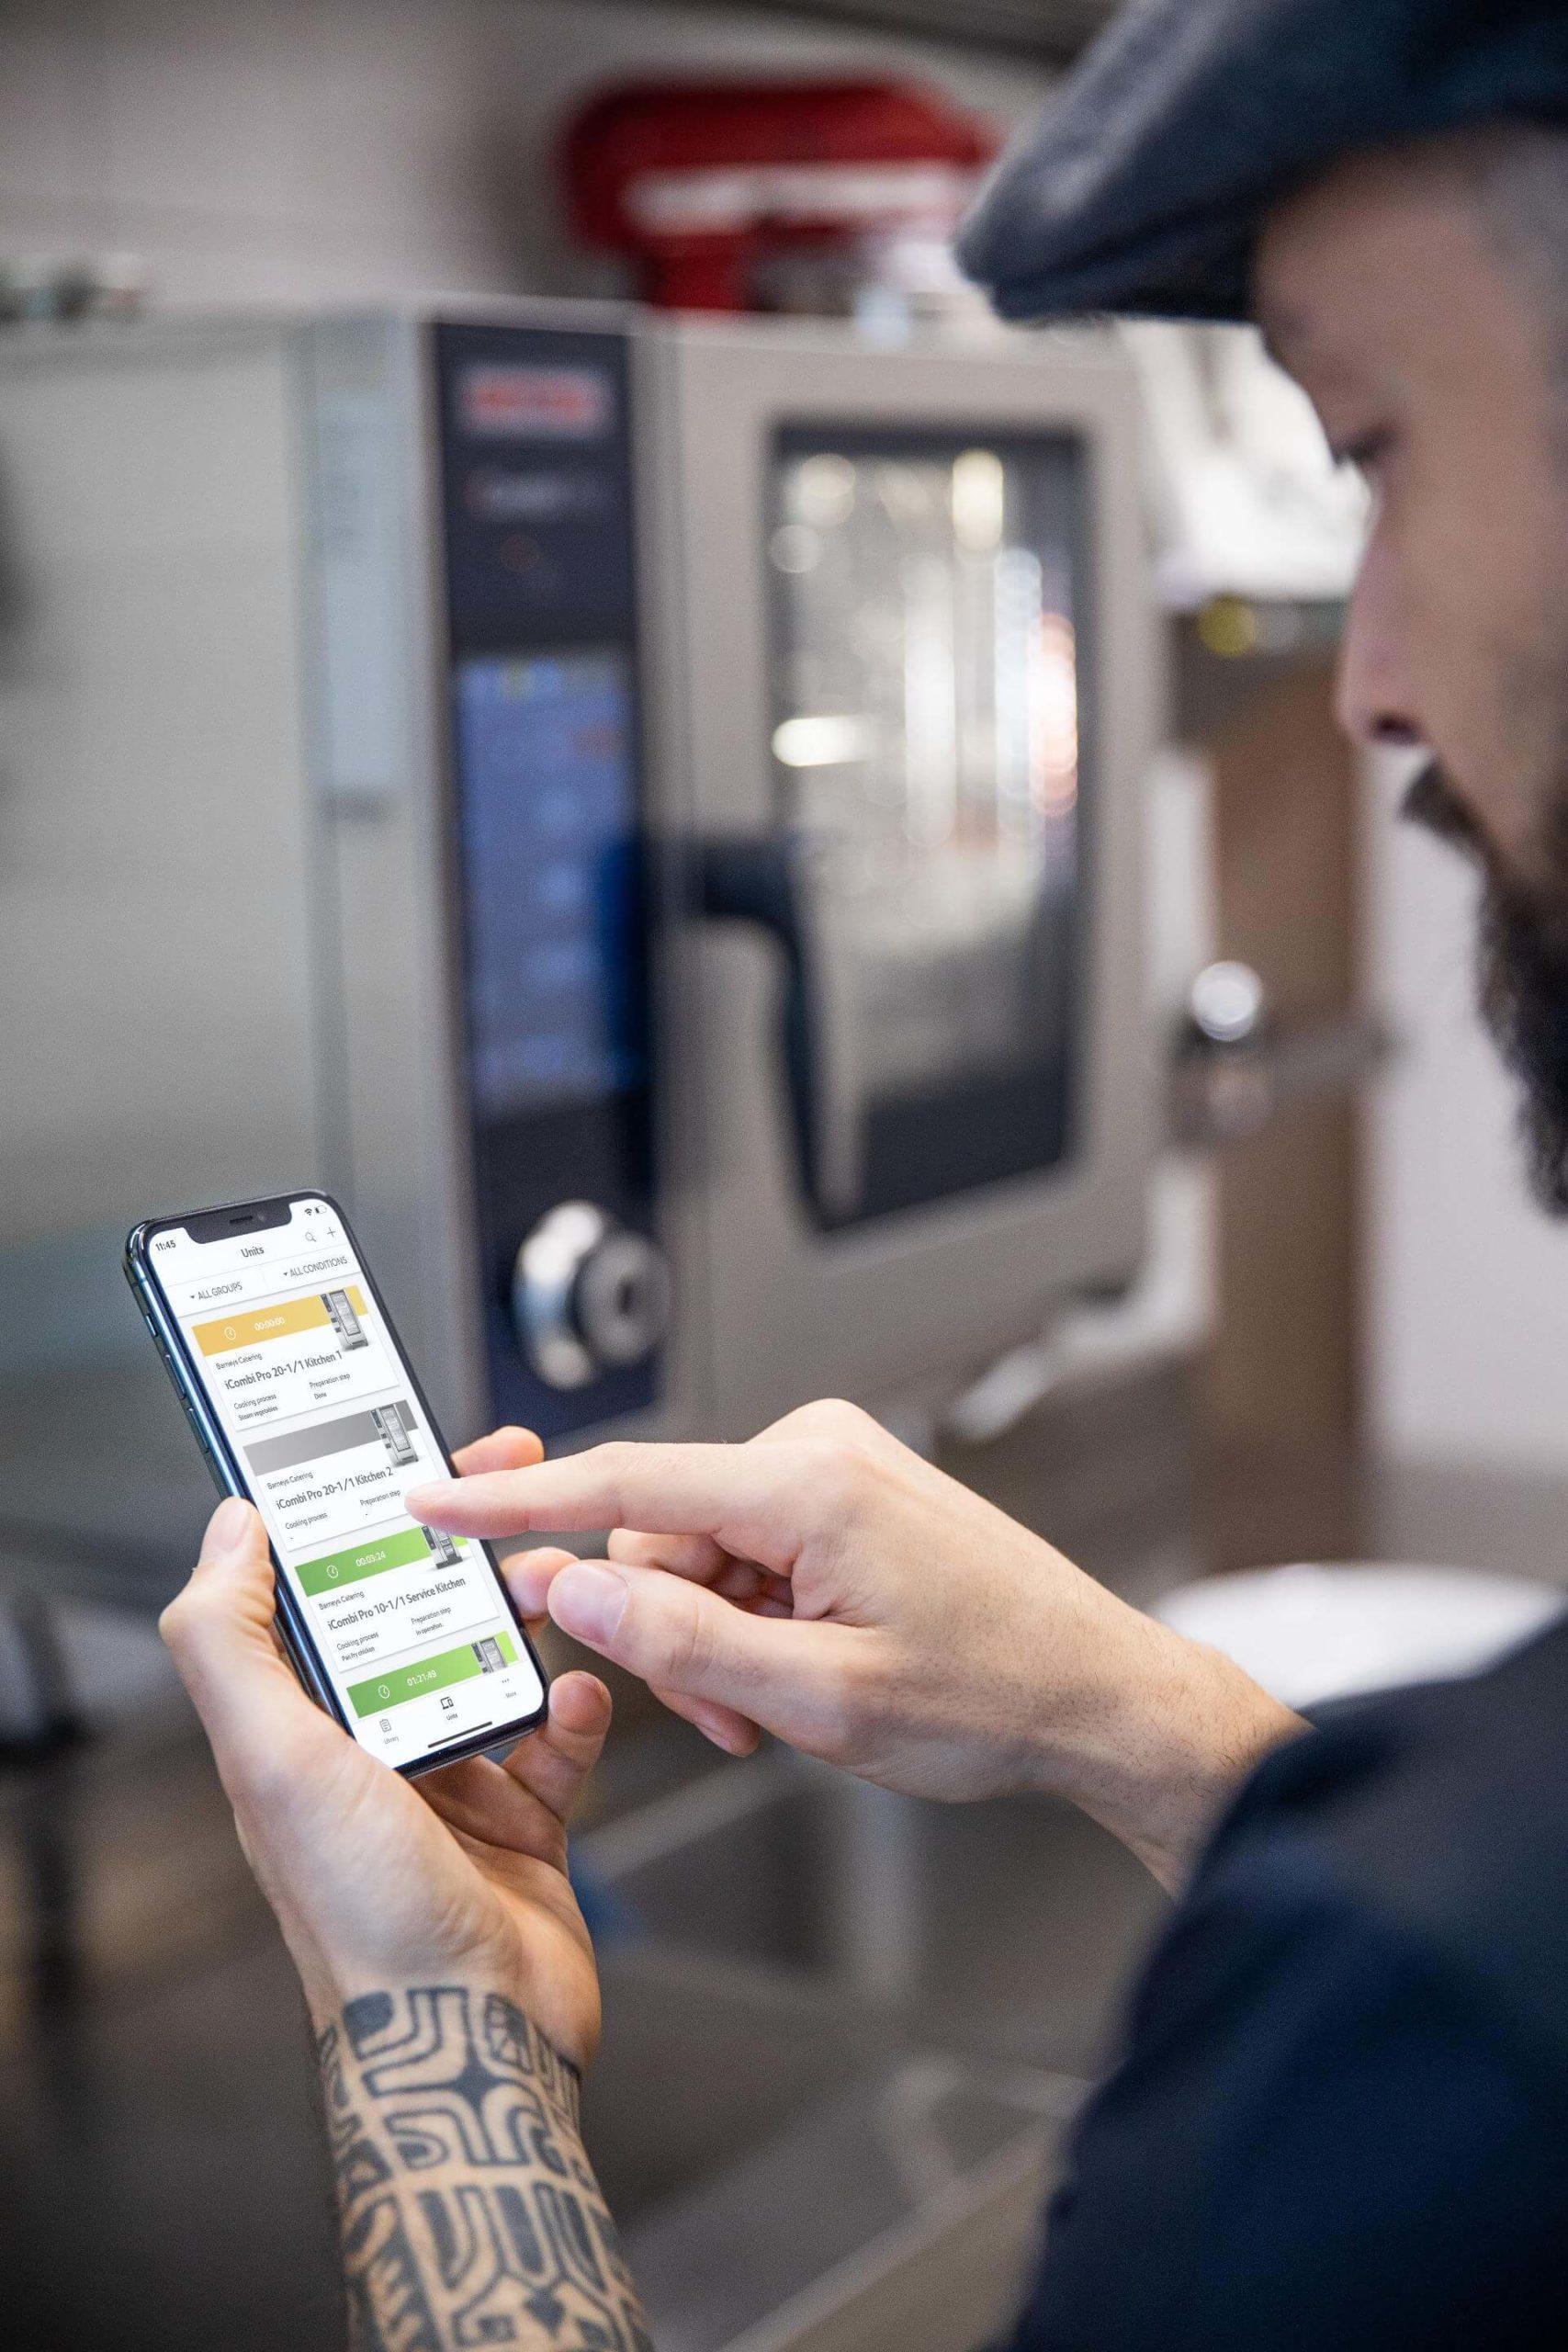 Wie wichtig sind cloudbasierte Lösungen für die Vernetzung von Küchengeräten für die Digitalisierung der Gastronomie??